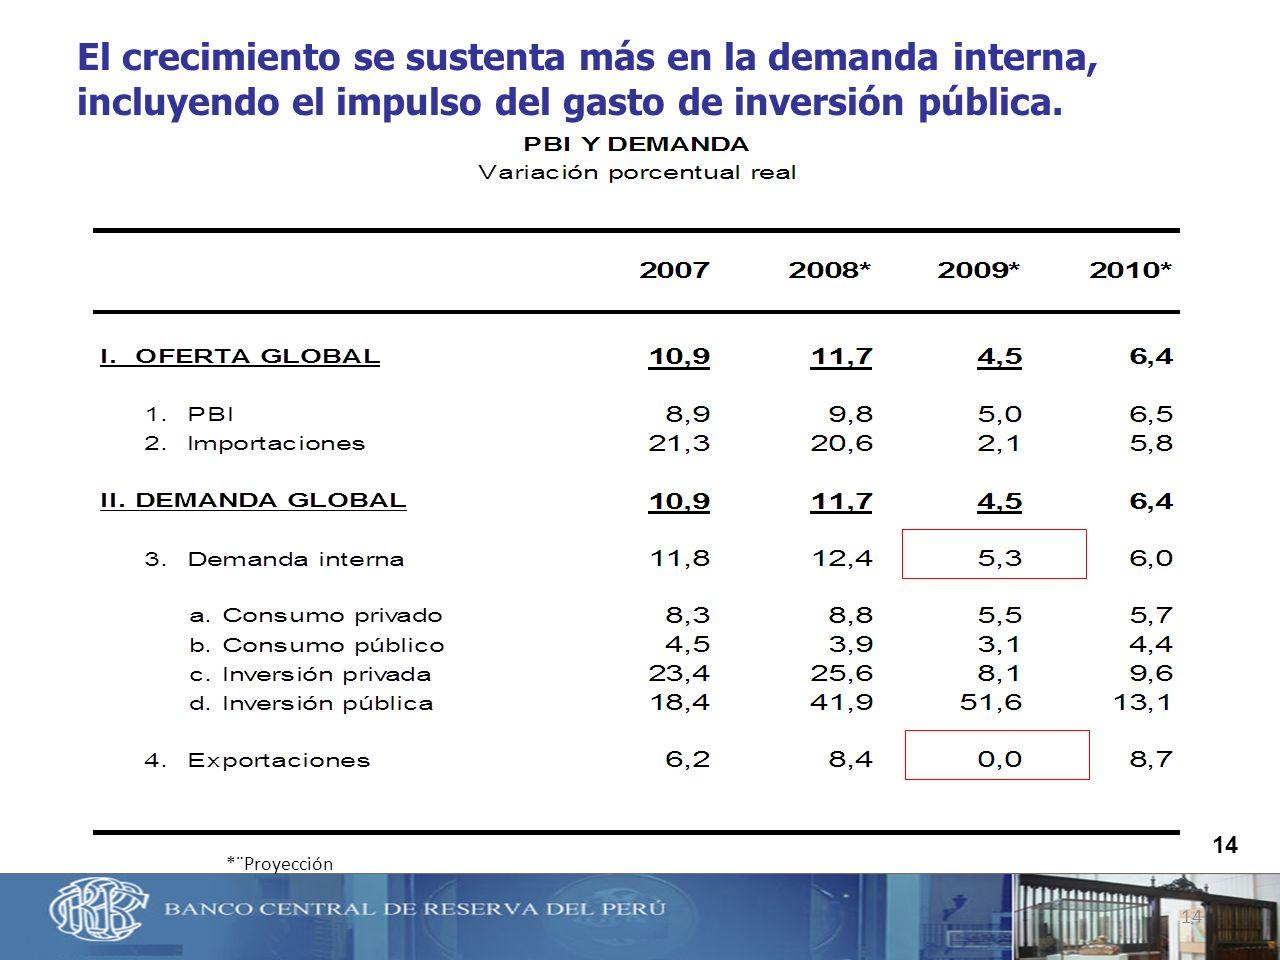 El crecimiento se sustenta más en la demanda interna, incluyendo el impulso del gasto de inversión pública.